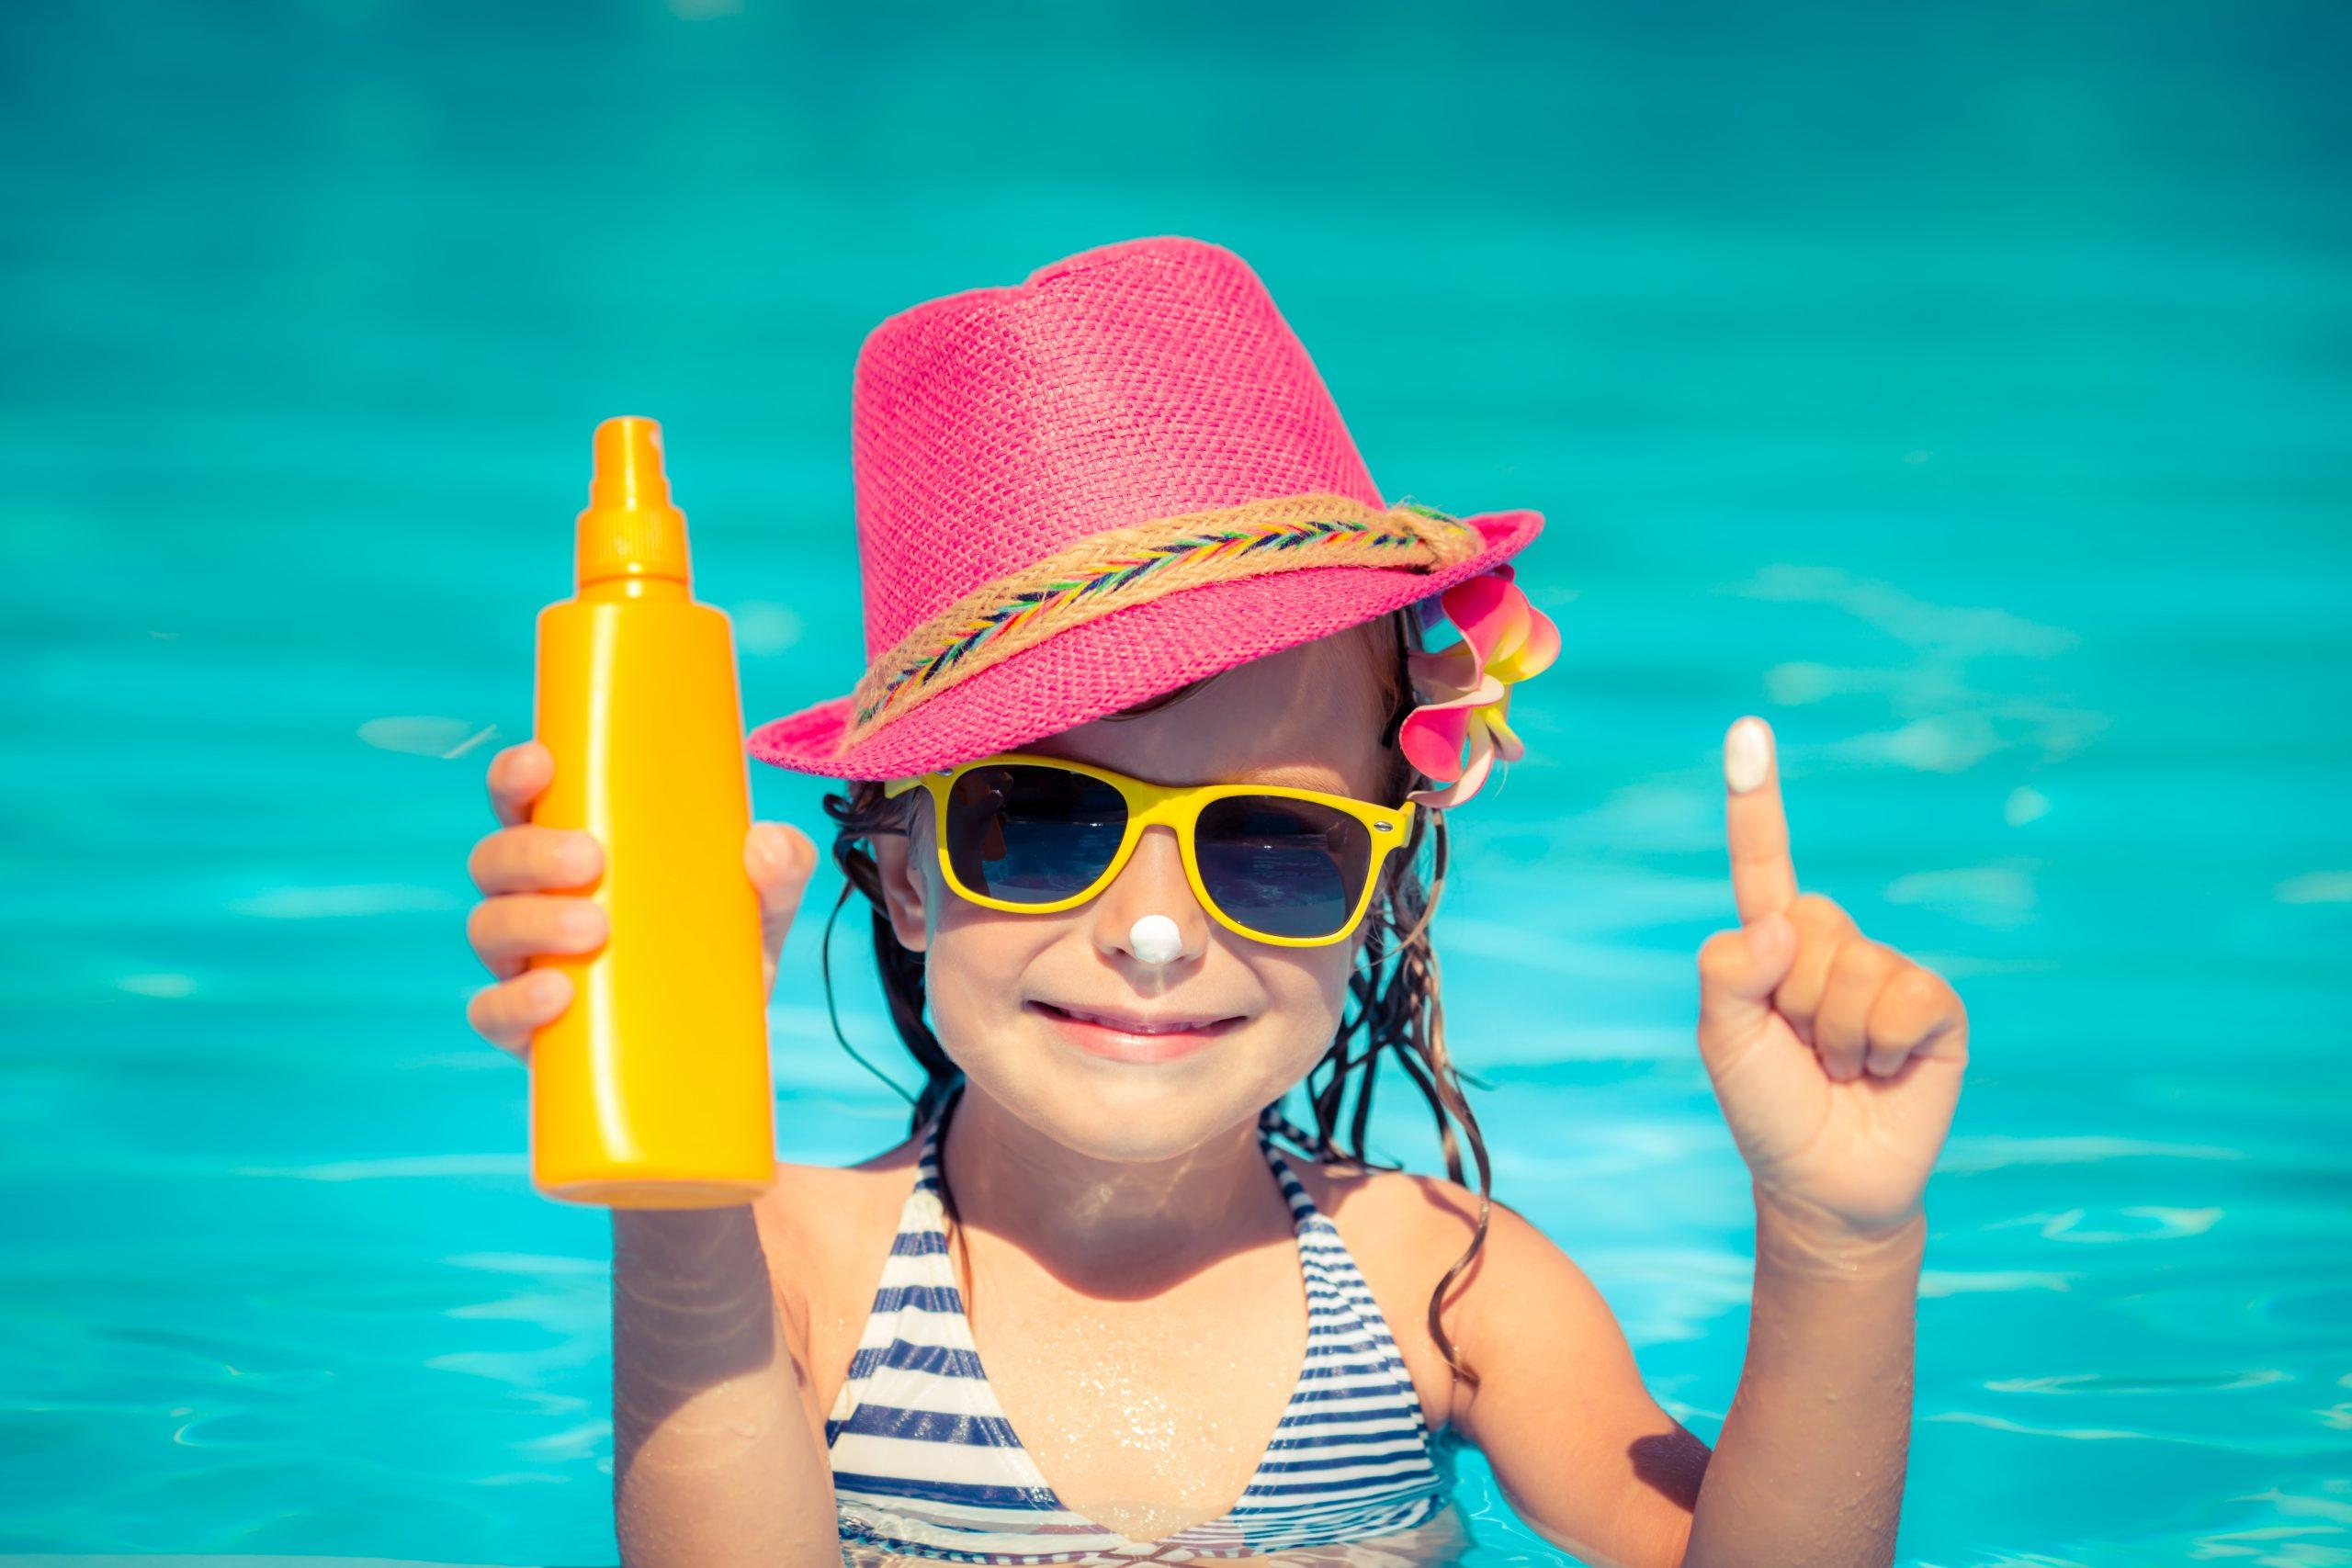 Miglior crema solare bambini 2020: Guida all'acquisto